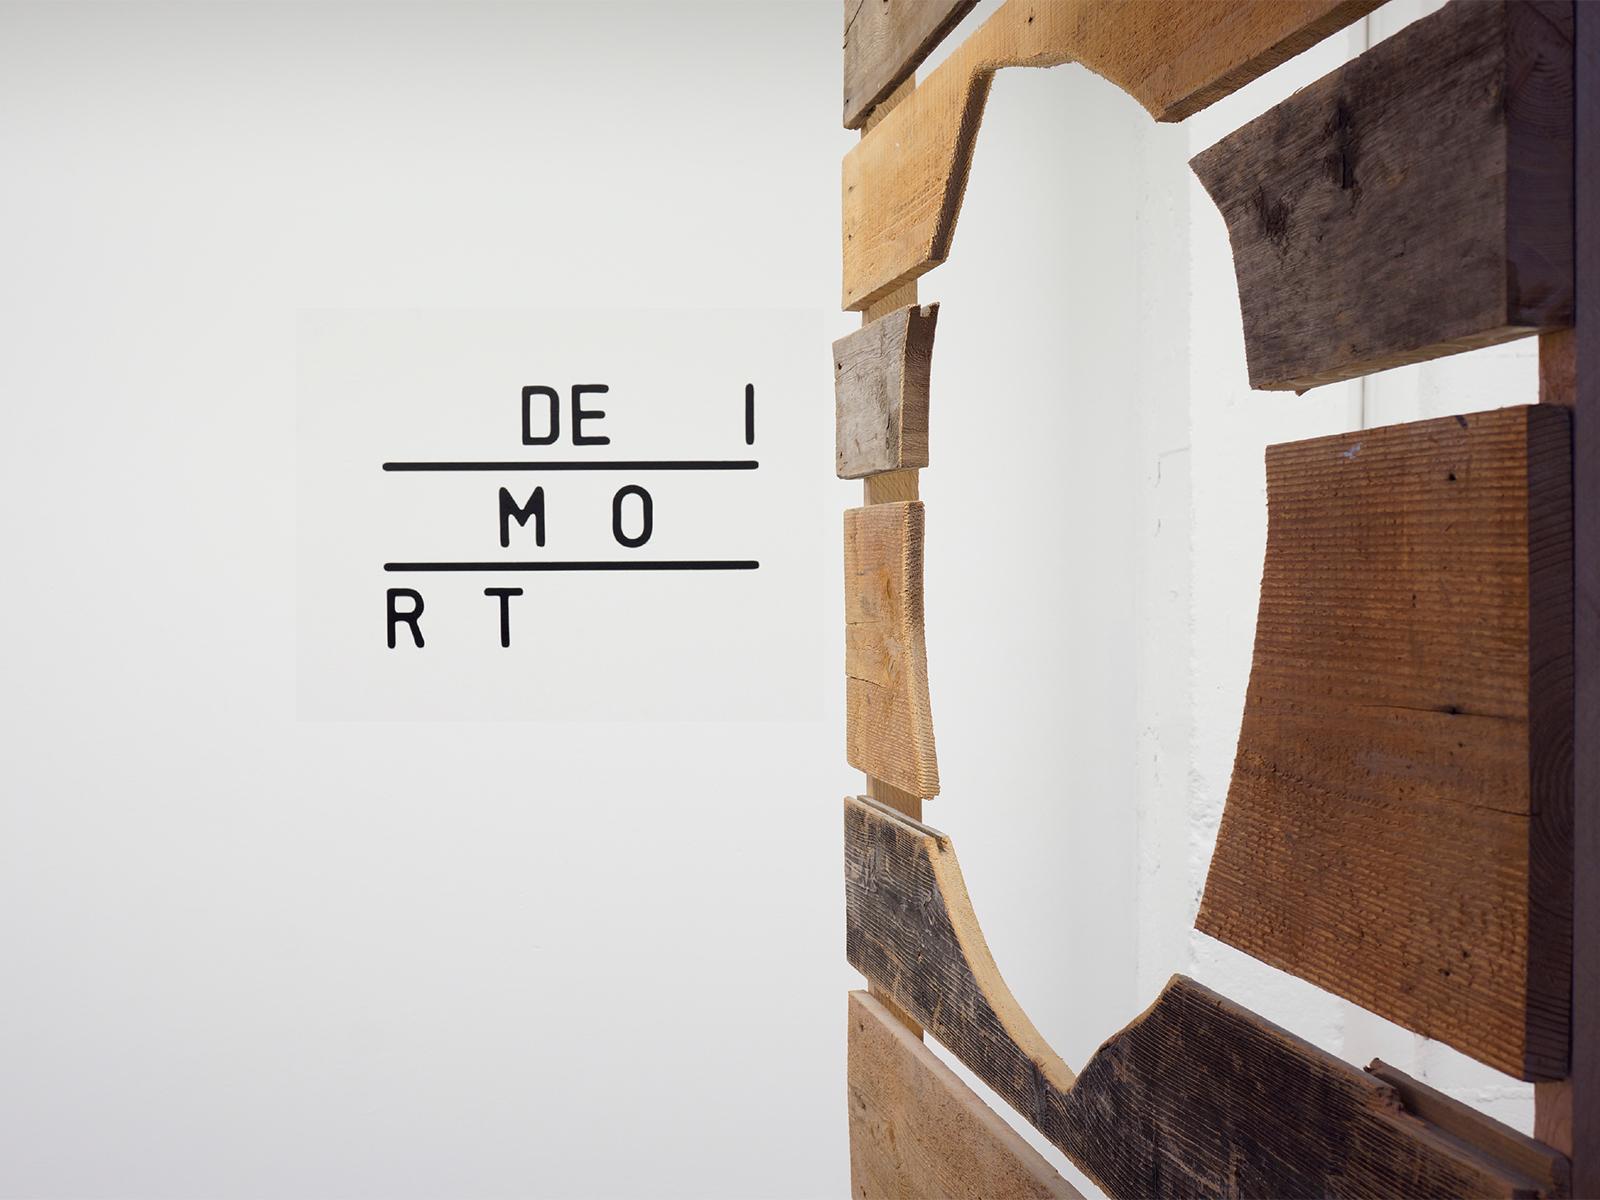 Benoit-Delaunay-artiste-sculptures-2017-Metoroid-01.jpg